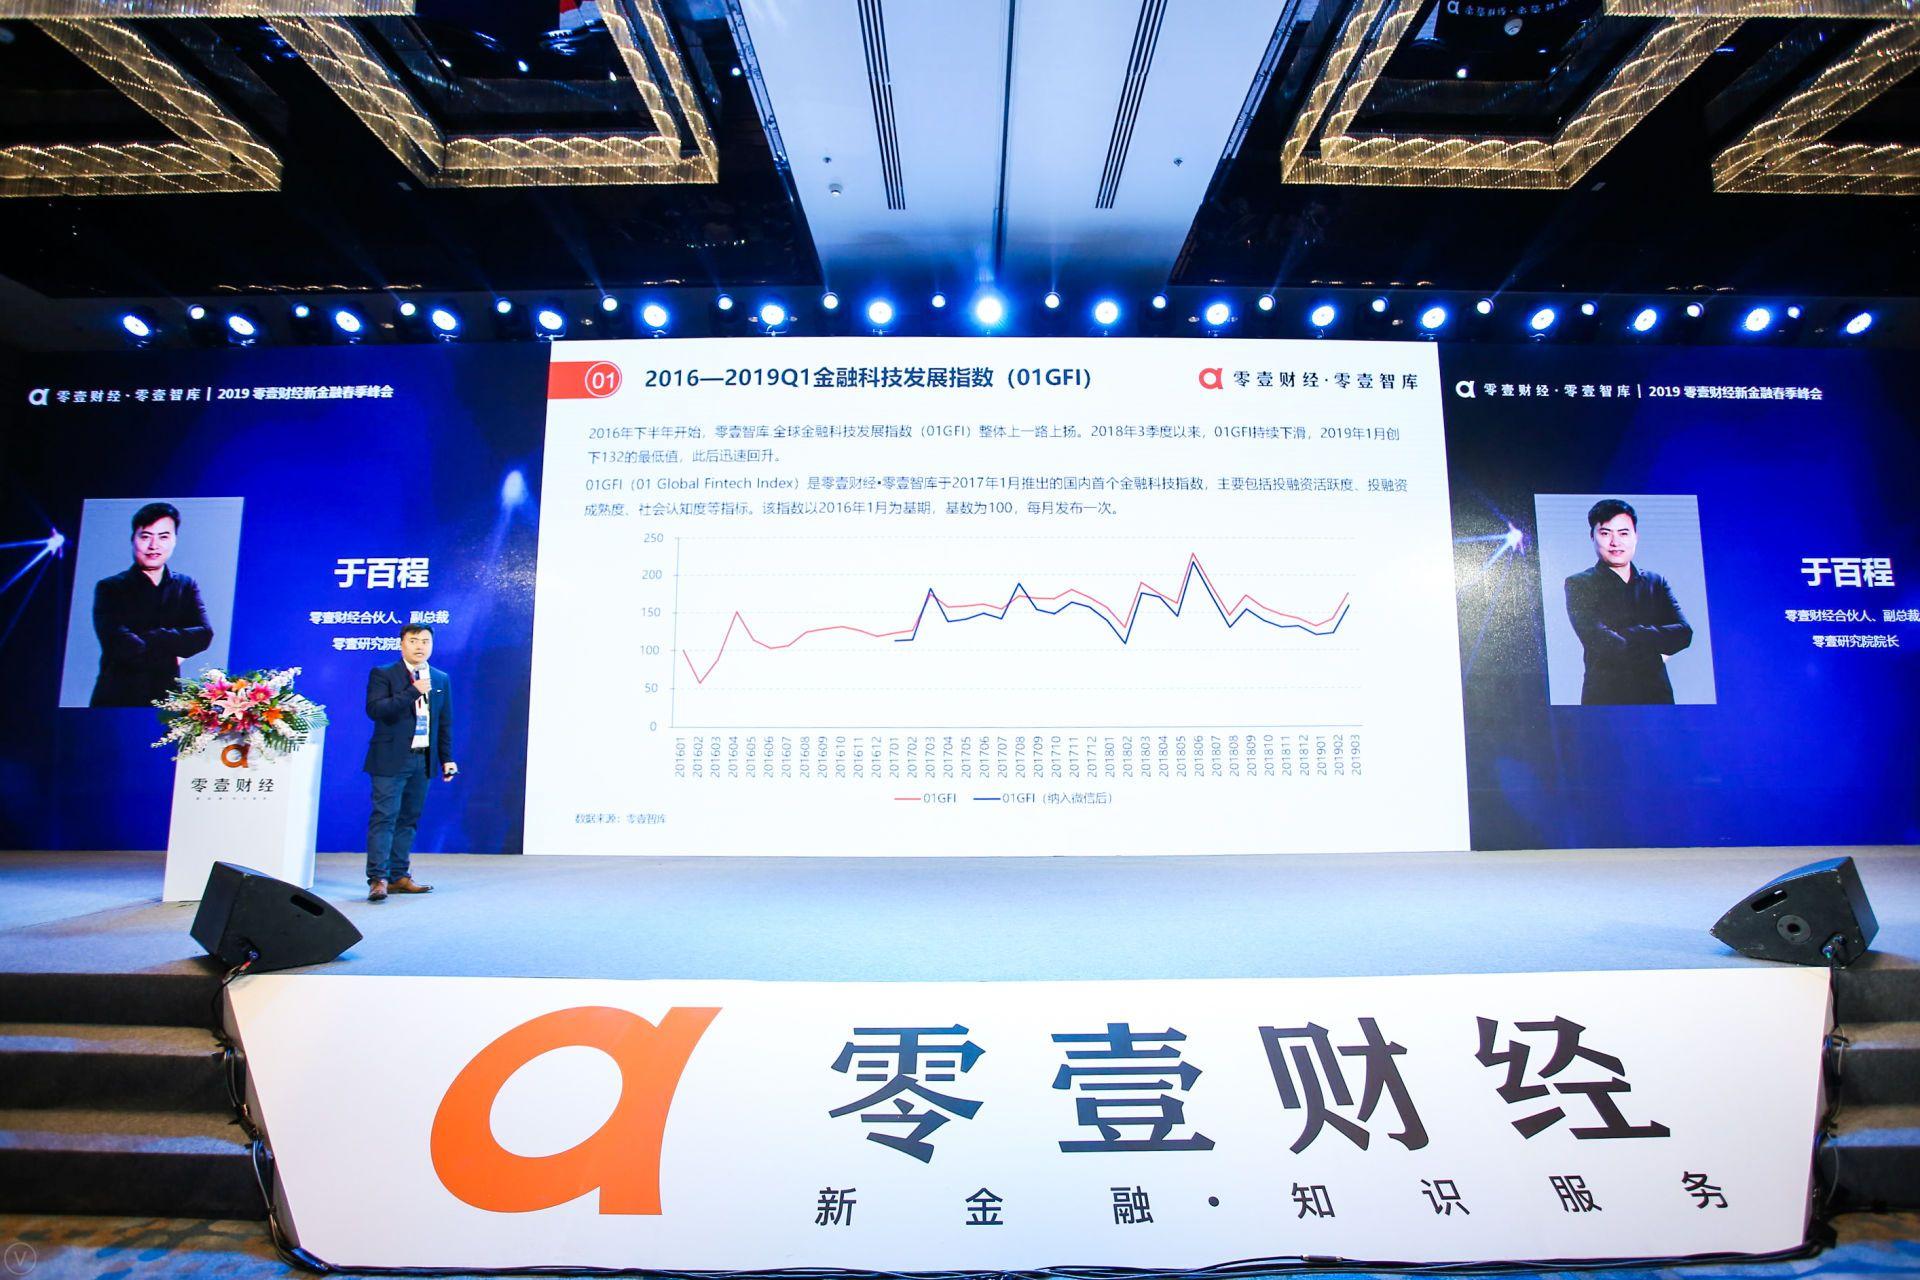 零壹财经发布《全球FINTECH投融资全景报告2016-2019Q1》